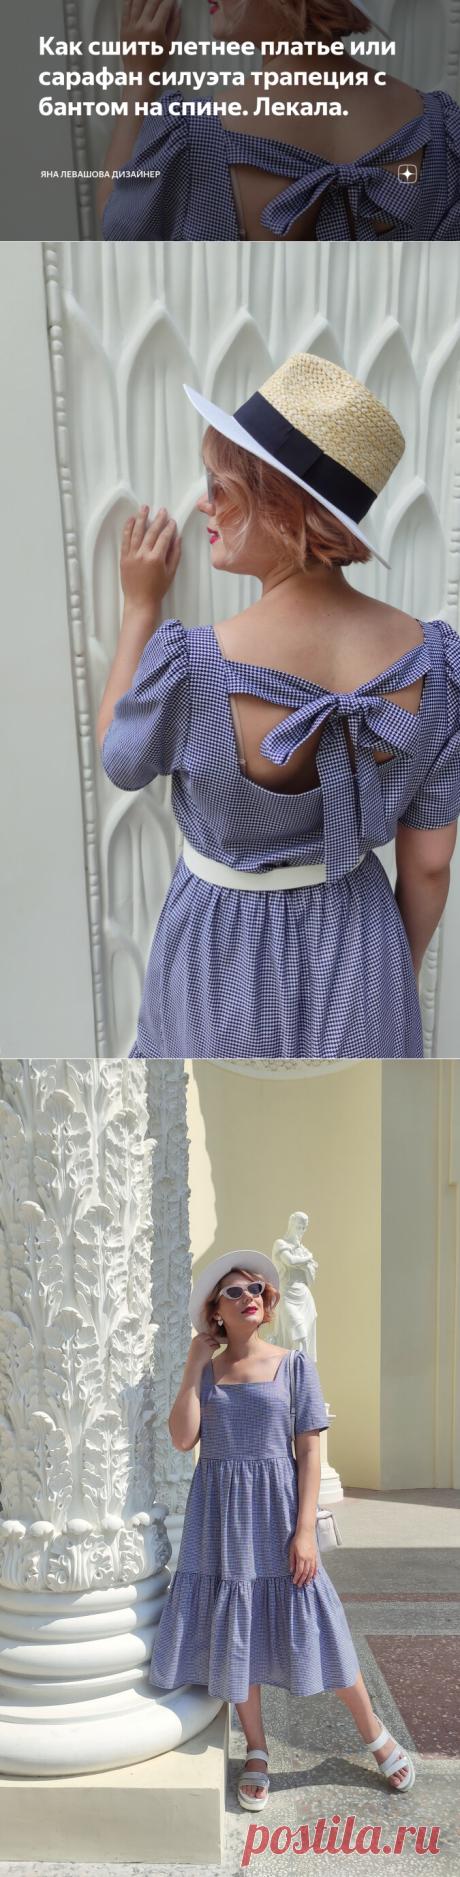 Как сшить летнее платье или сарафан силуэта трапеция с бантом на спине. Лекала. | Яна Левашова Дизайнер | Яндекс Дзен